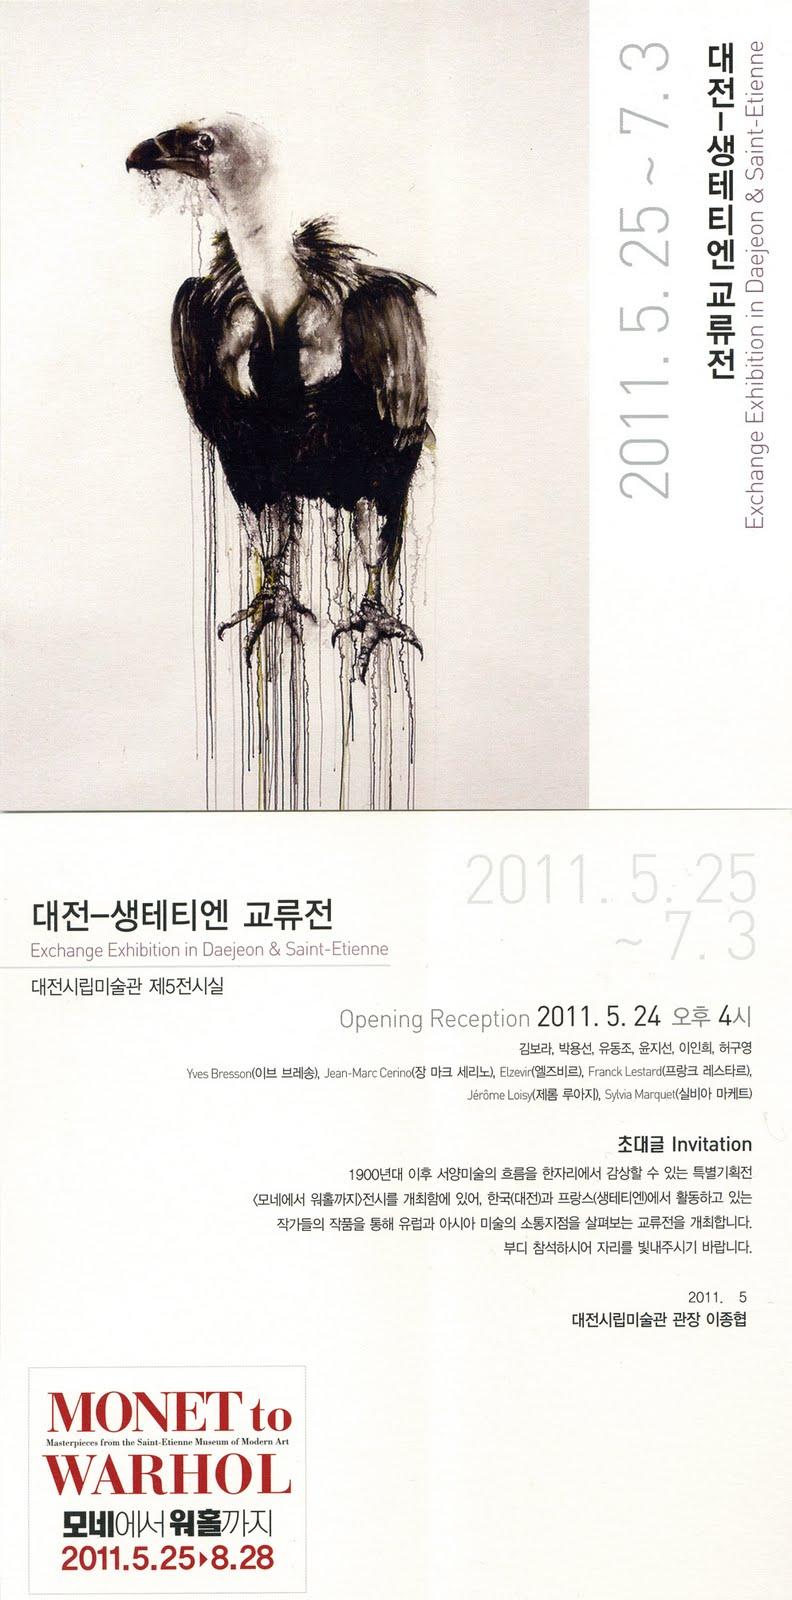 nouveau site consultable exposition au mus um of art de daejeon cor e du sud. Black Bedroom Furniture Sets. Home Design Ideas